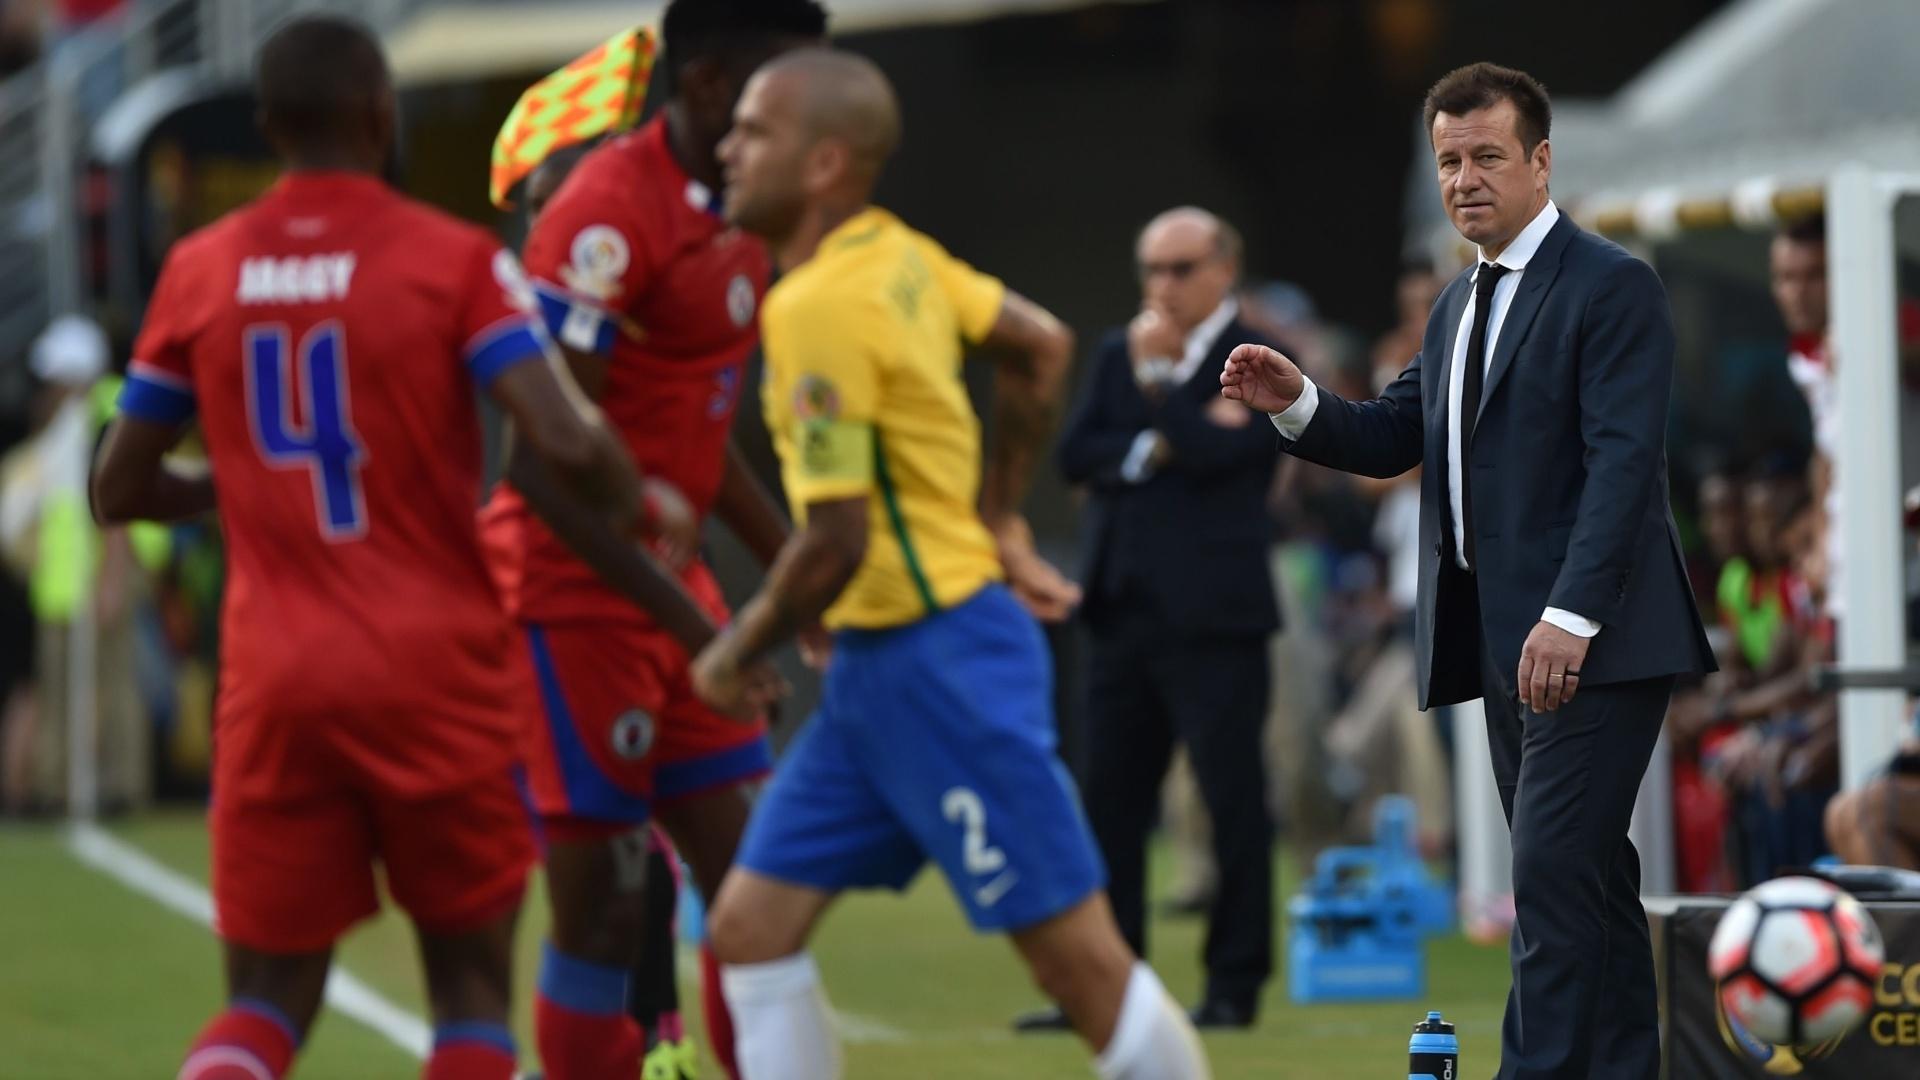 Dunga orienta a seleção brasileira à beira do gramado no jogo contra o Haiti